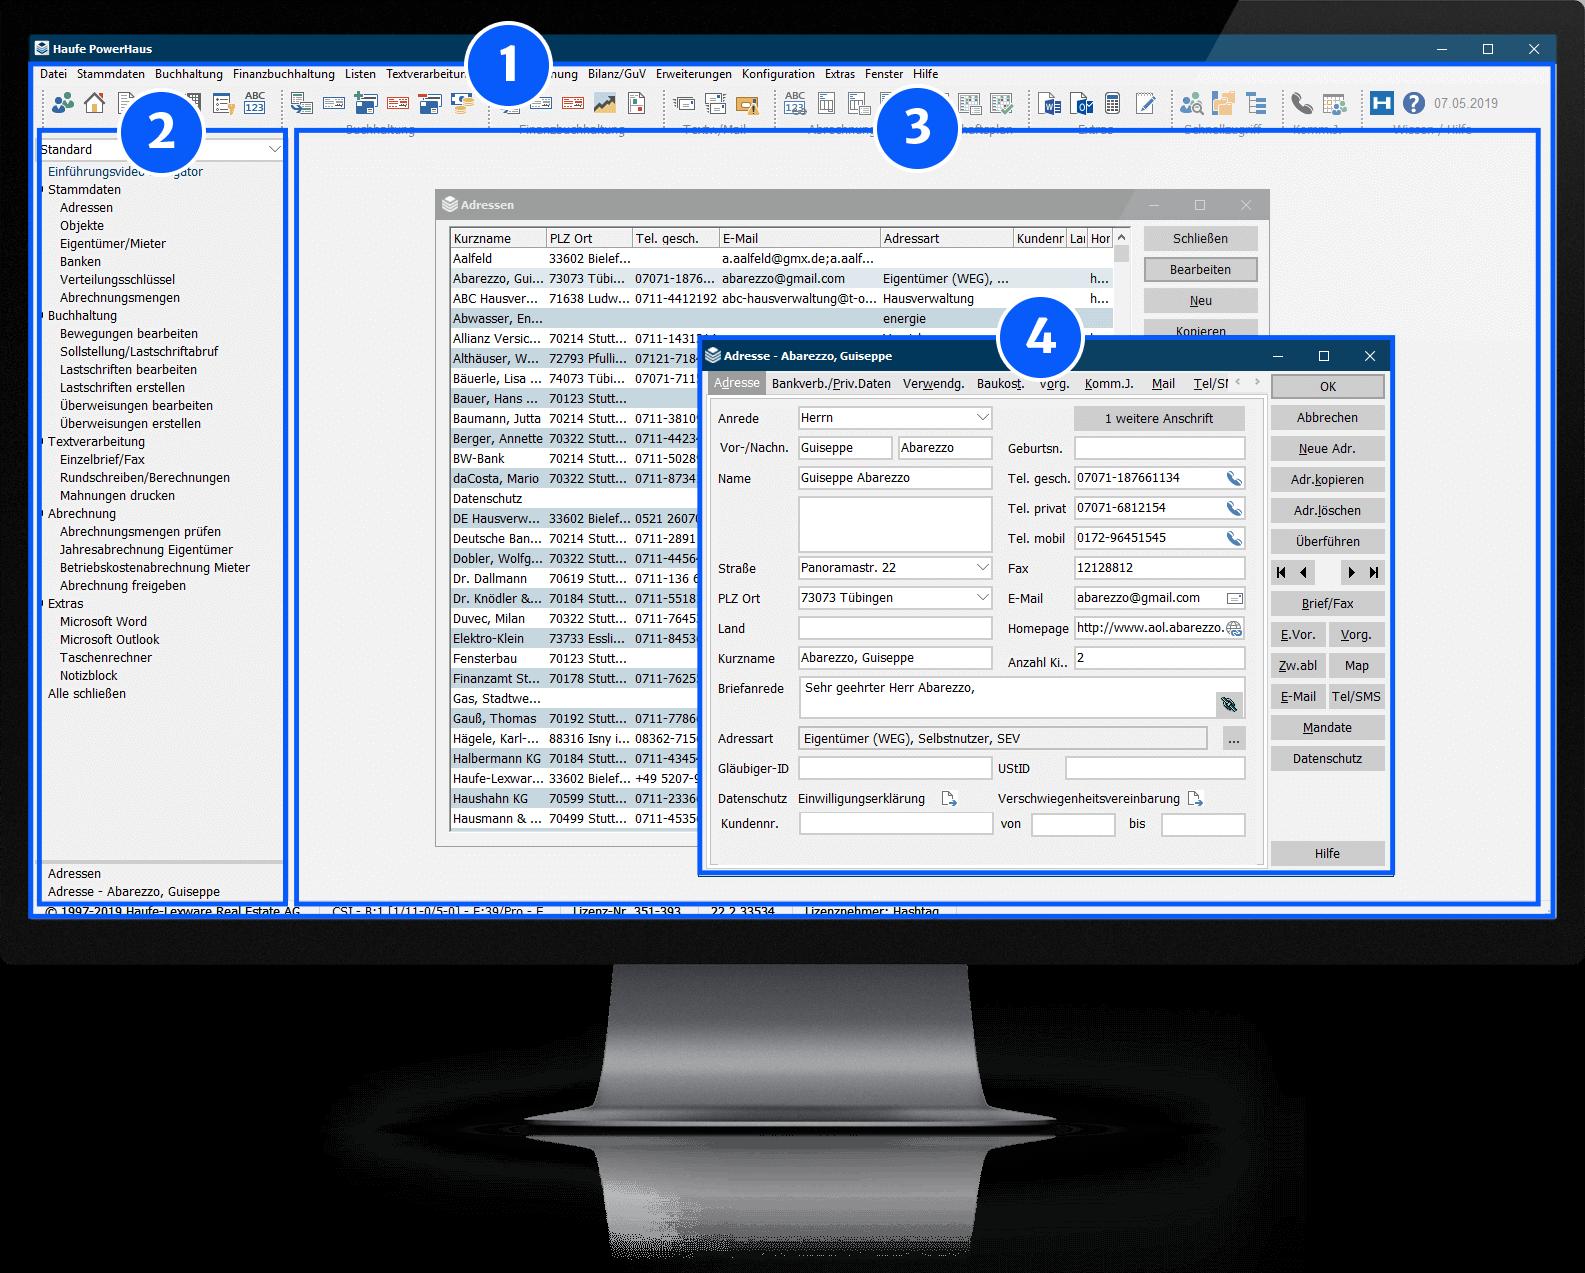 Nutzeroberfläche Software Haufe Powerhaus auf Bildschirm